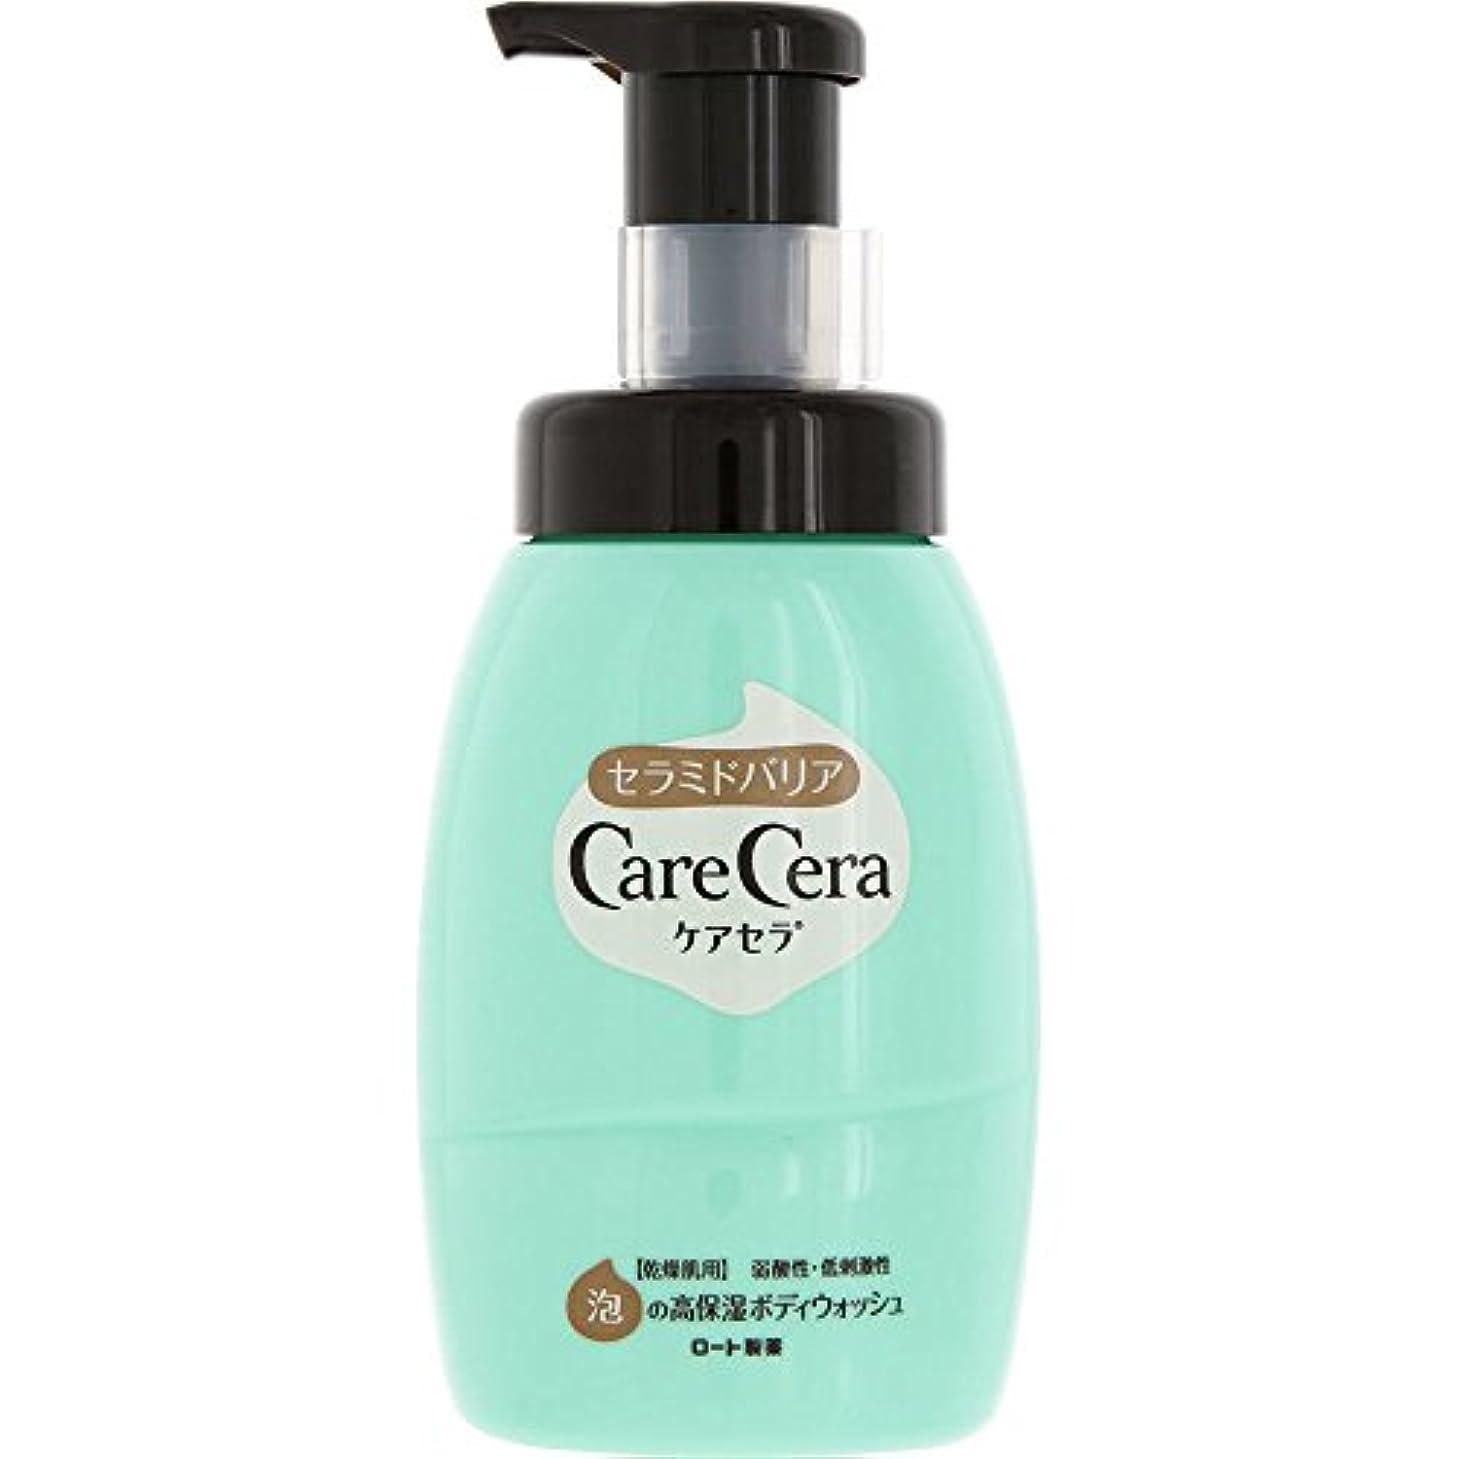 過ちドロー誰のケアセラ(CareCera) ロート製薬 ケアセラ  天然型セラミド7種配合 セラミド濃度10倍泡の高保湿 全身ボディウォッシュ ピュアフローラルの香り お試し企画品 300mL